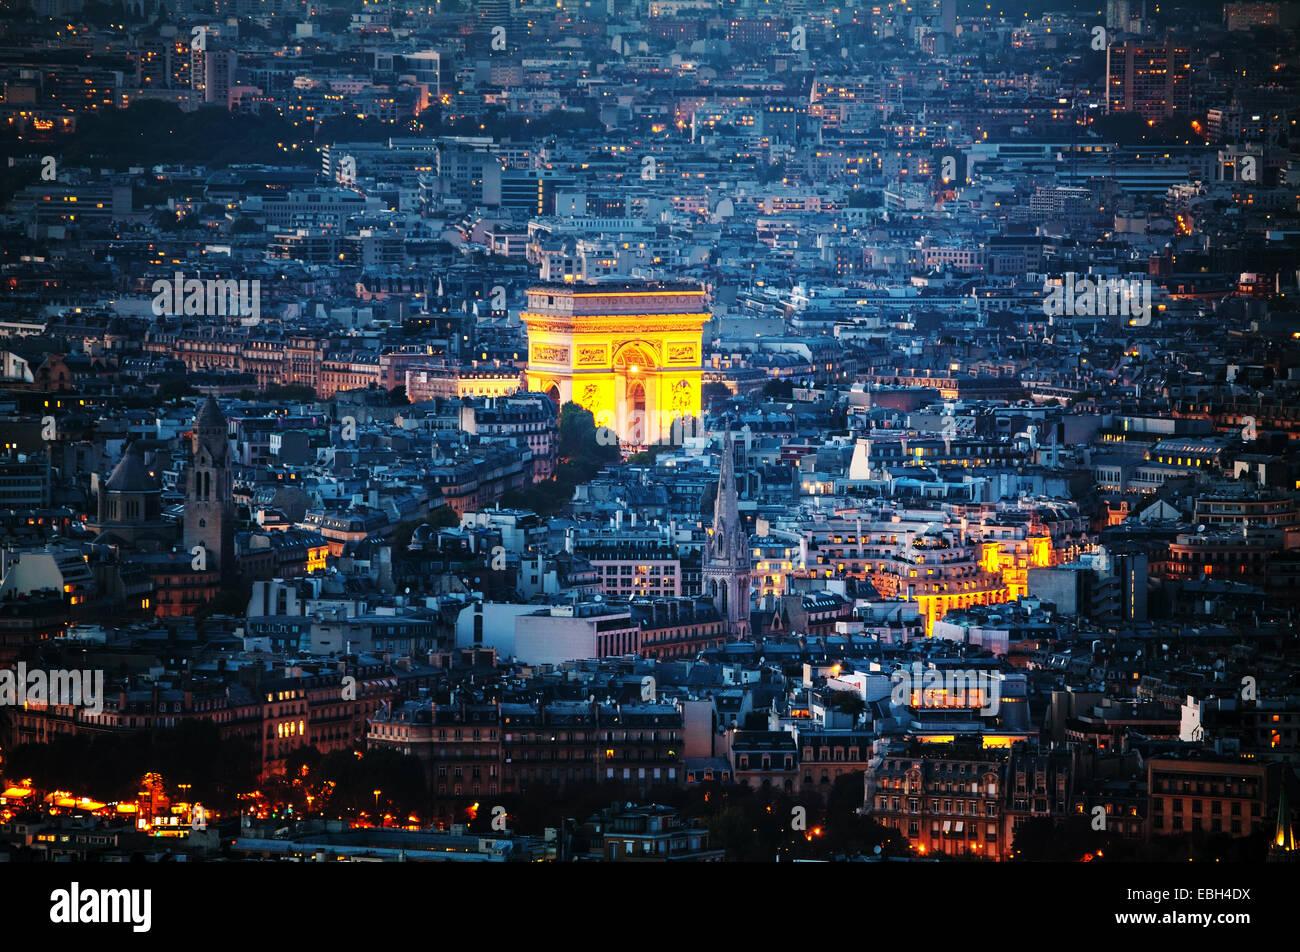 Vue aérienne de l'Arc de Triomphe de l'Etoile (Arc de Triomphe) à Paris la nuit Photo Stock